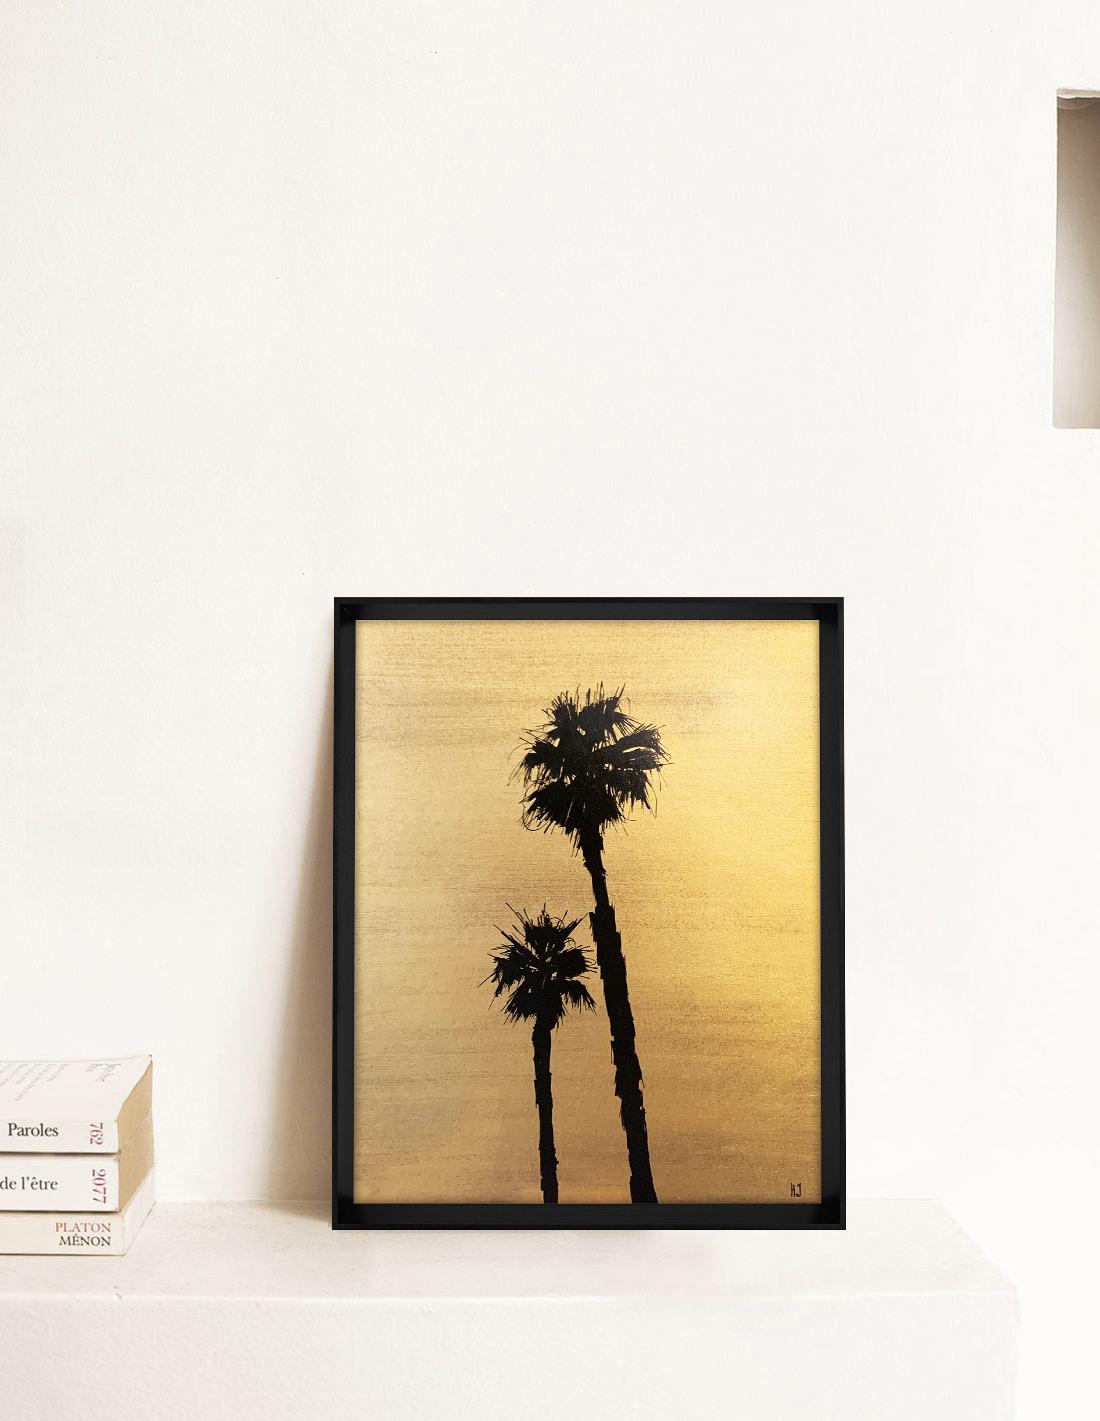 Hubert Jouzeau - Tableau - Palmtrees avec pigments dorés